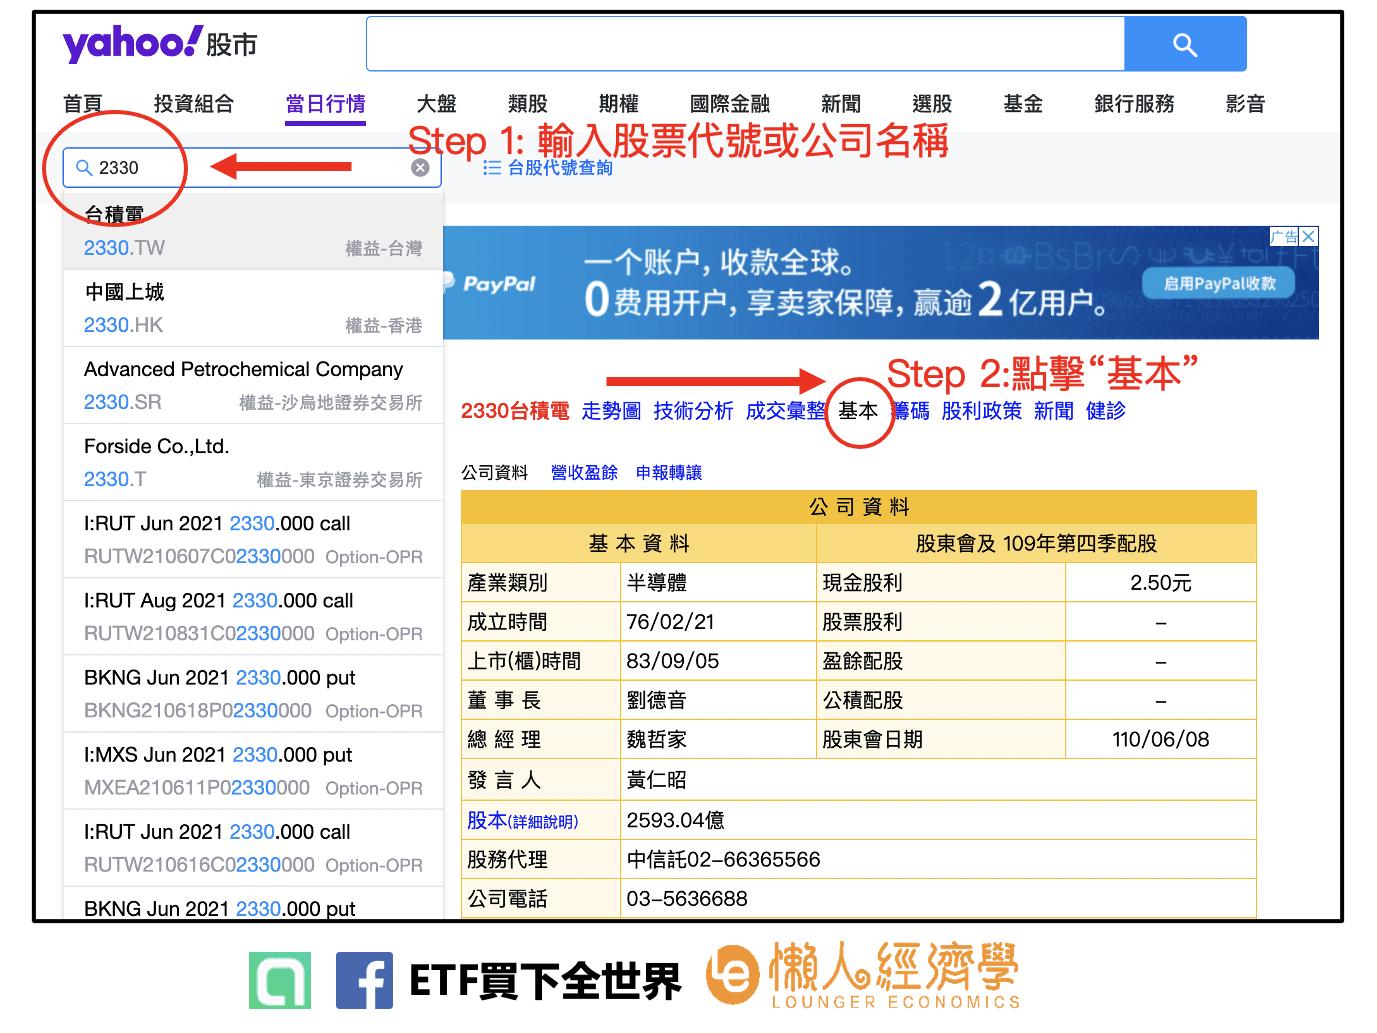 可以到Yahoo 股市,輸入你想搜尋的股票代號,以台積電2330為例